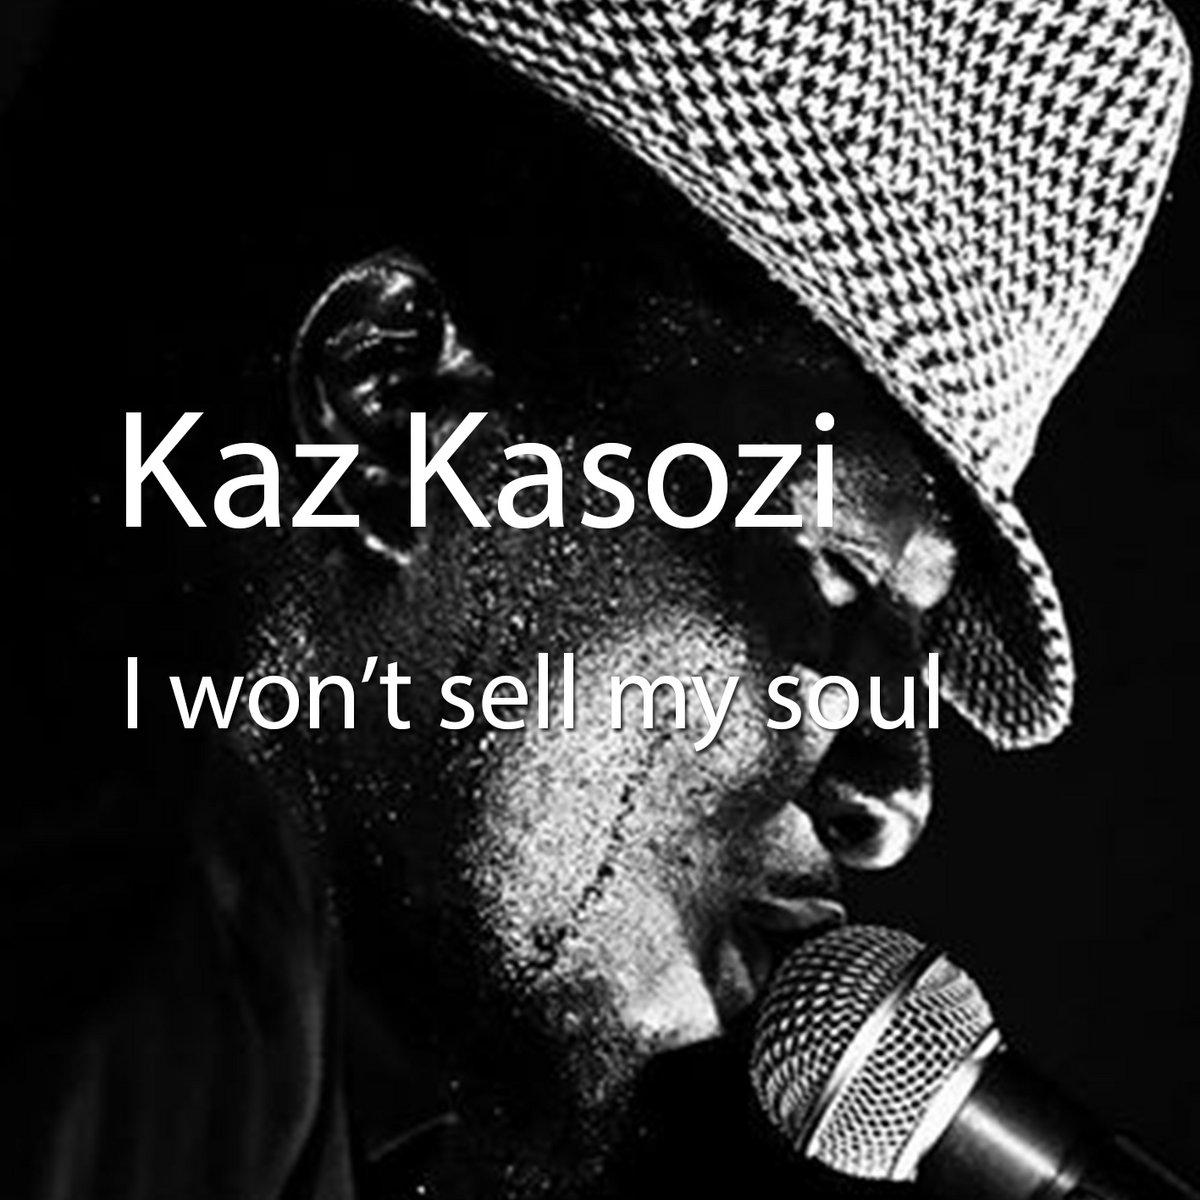 I won't sell my soul   Kaz Kasozi